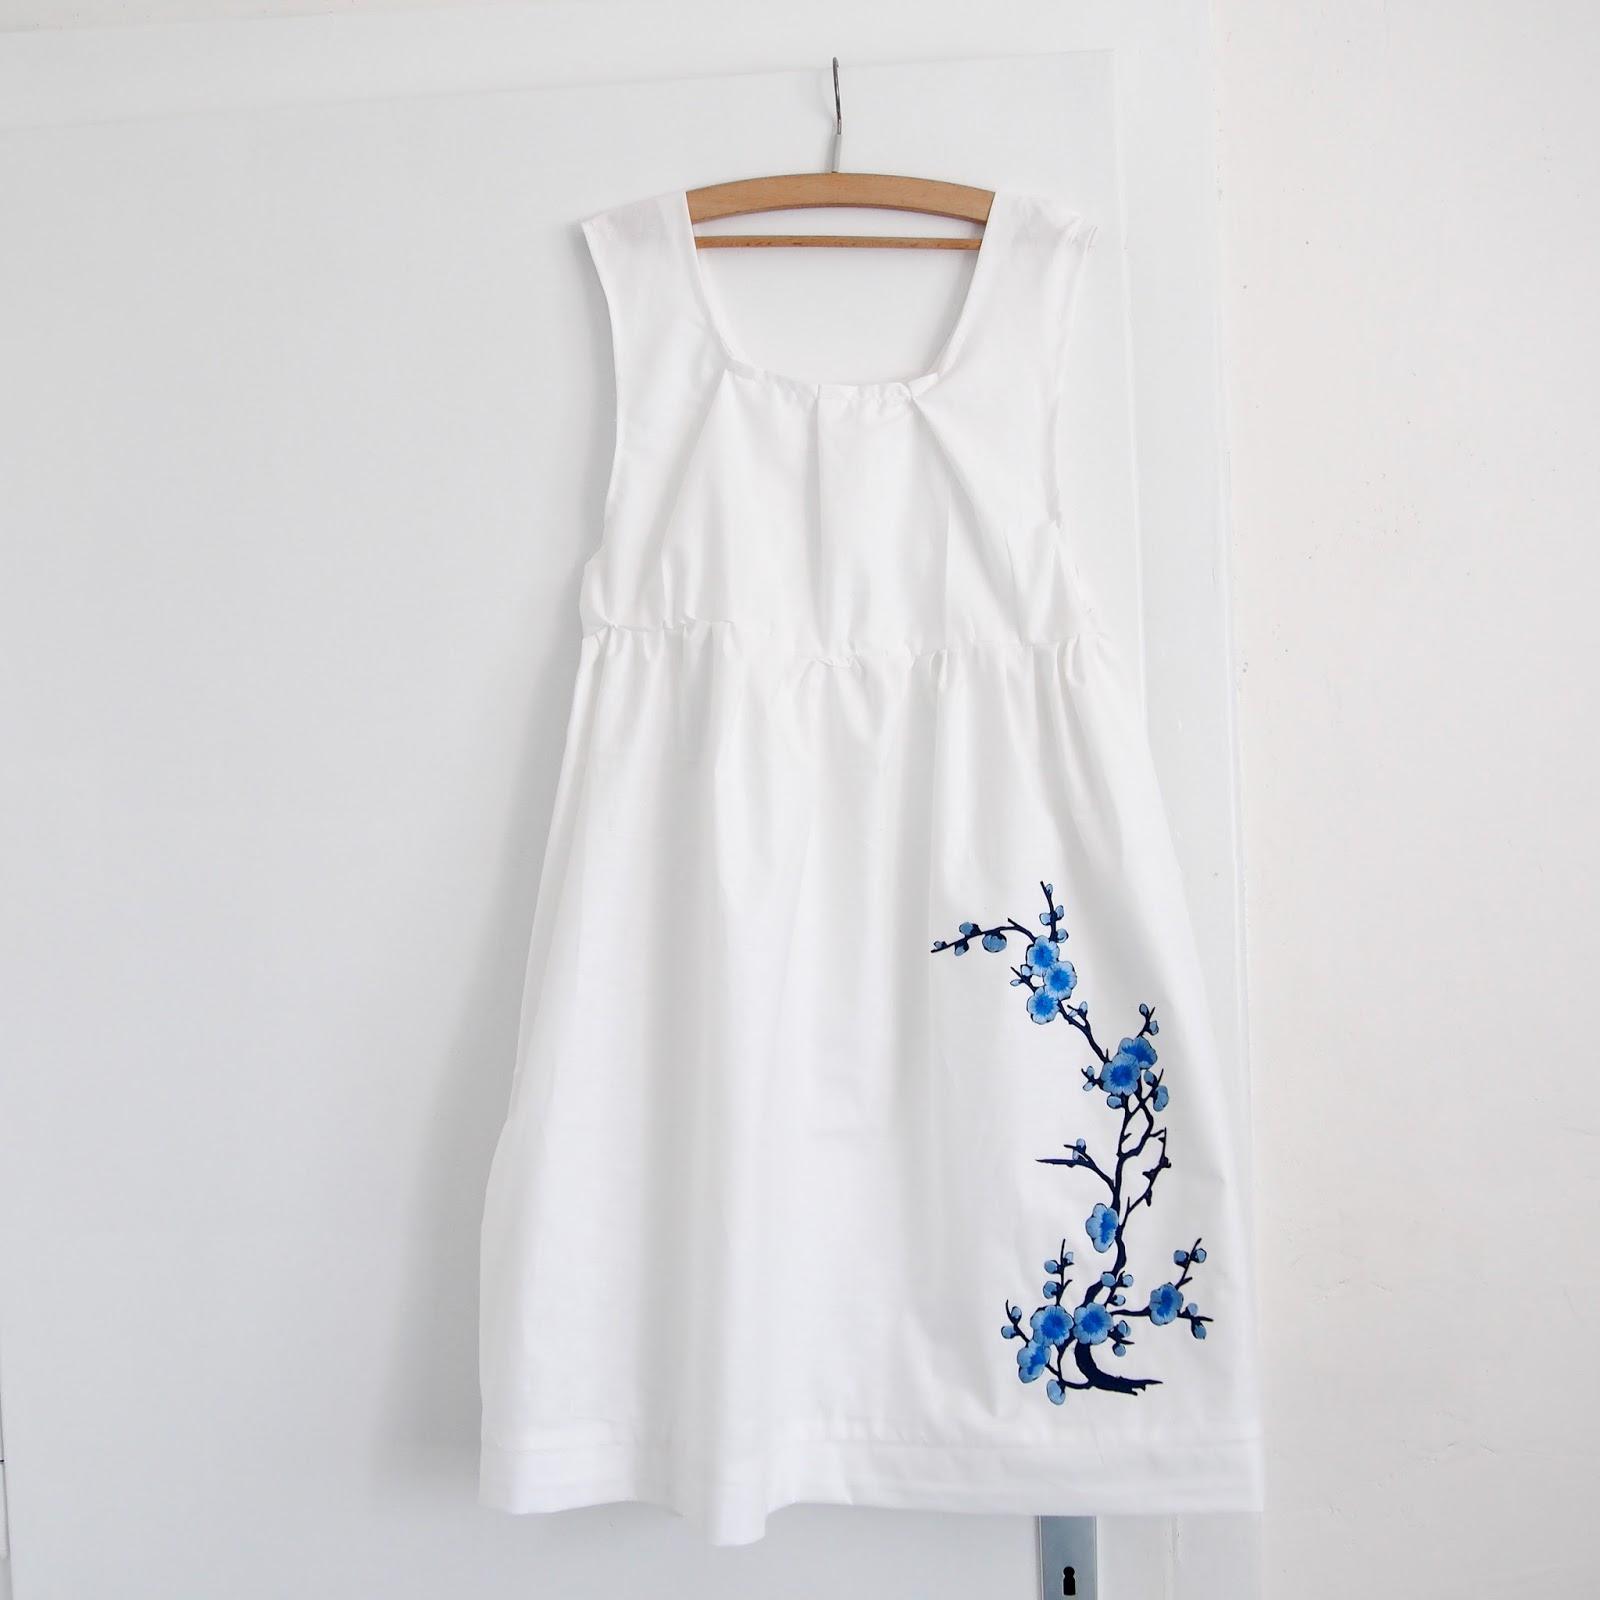 2b2fab1ef Nažehlovačku jsem objednala na Aliexpressu, nabízí ji tam více prodejců a  cena se pohybuje do 3 dolarů. Tadá, výsledek! Určitě vám šaty ukážu i na  postavě v ...